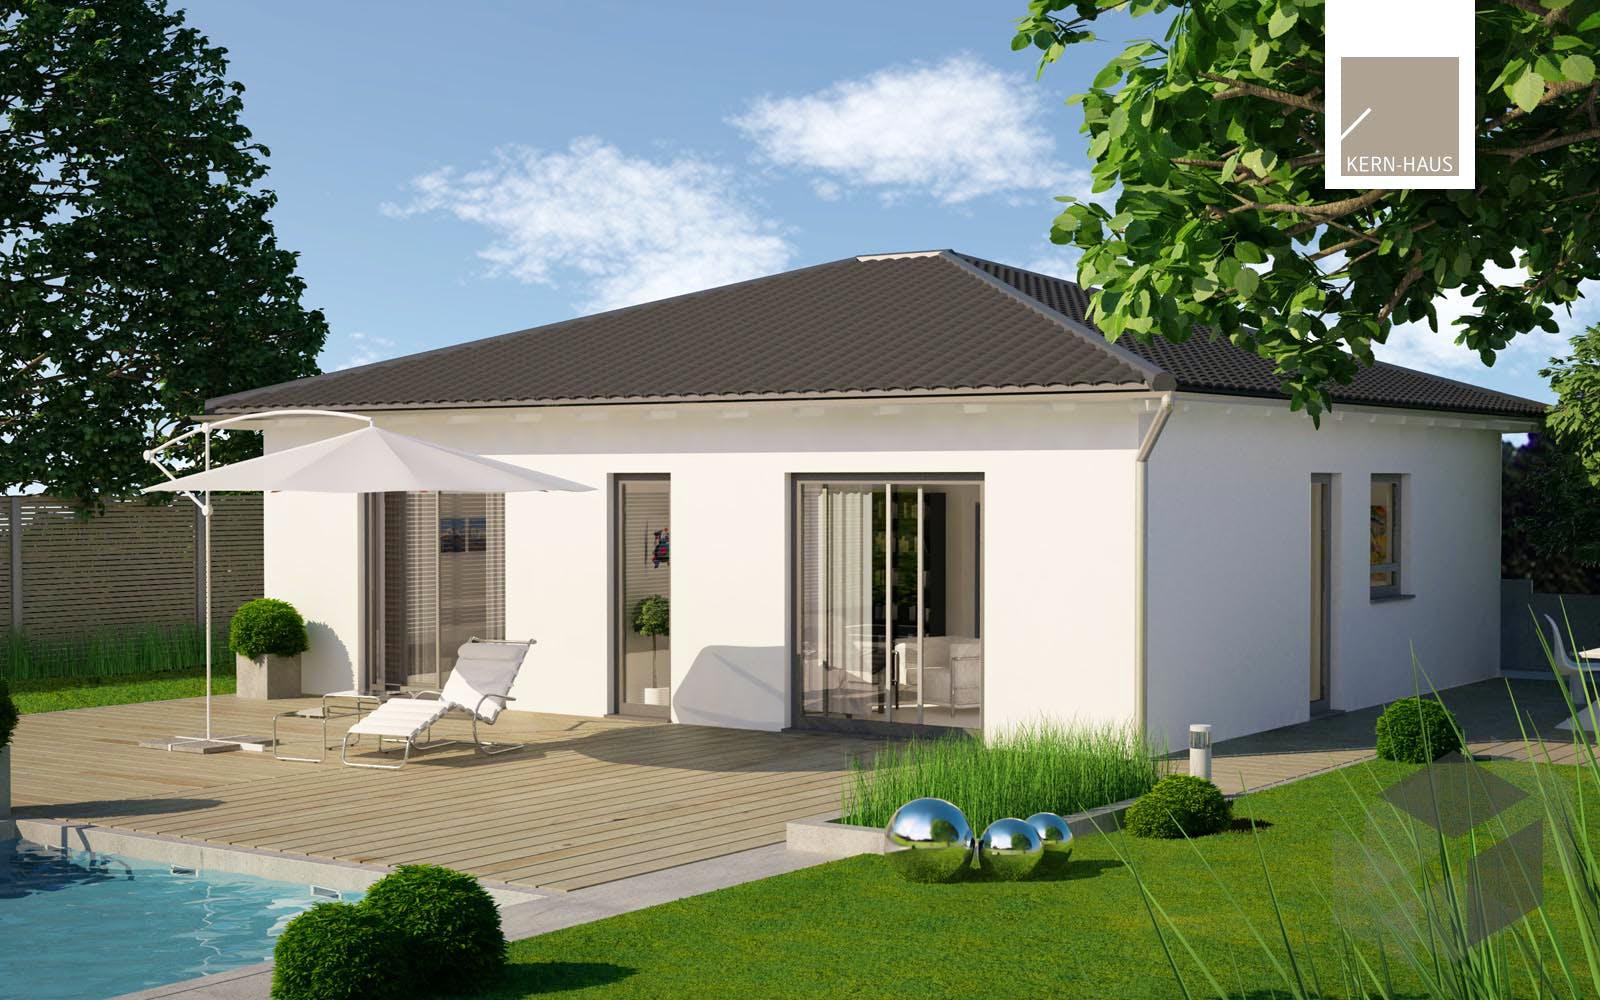 bungalow easy von kern haus komplette daten bersicht. Black Bedroom Furniture Sets. Home Design Ideas